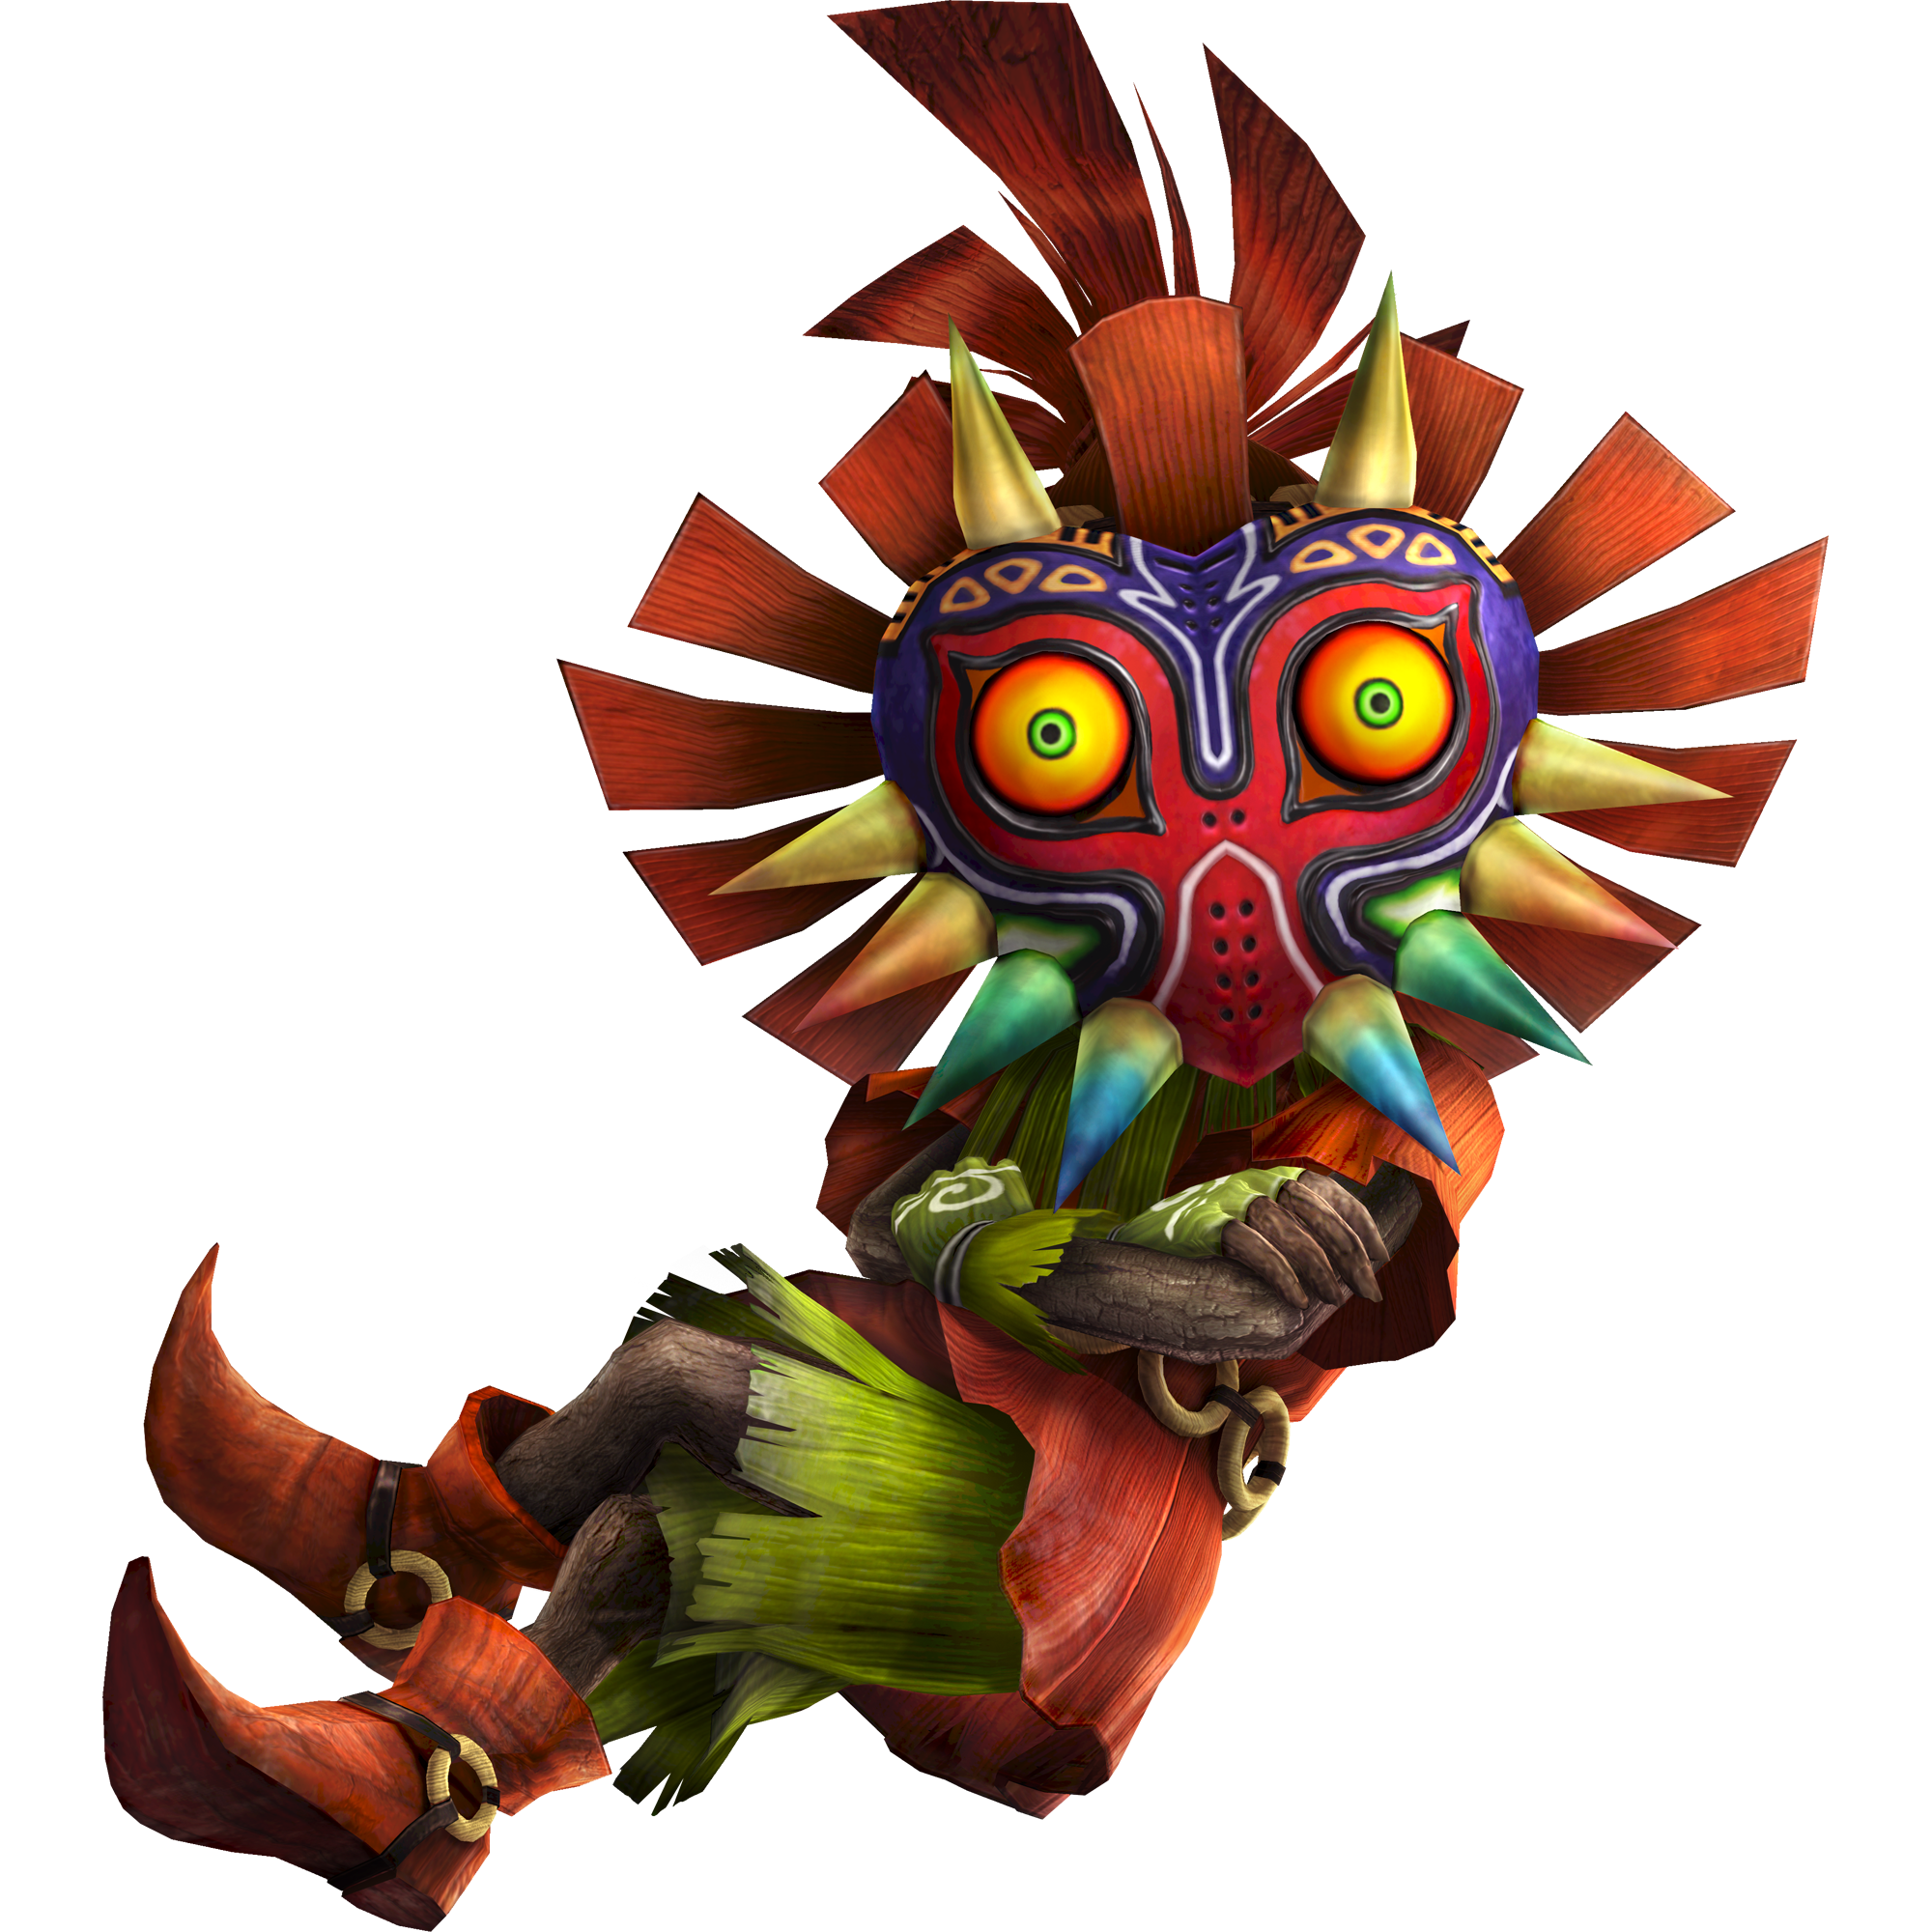 Resultado De Imagem Para Skull Kid Legend Of Zelda Tattoos Zelda Tattoo Hyrule Warriors